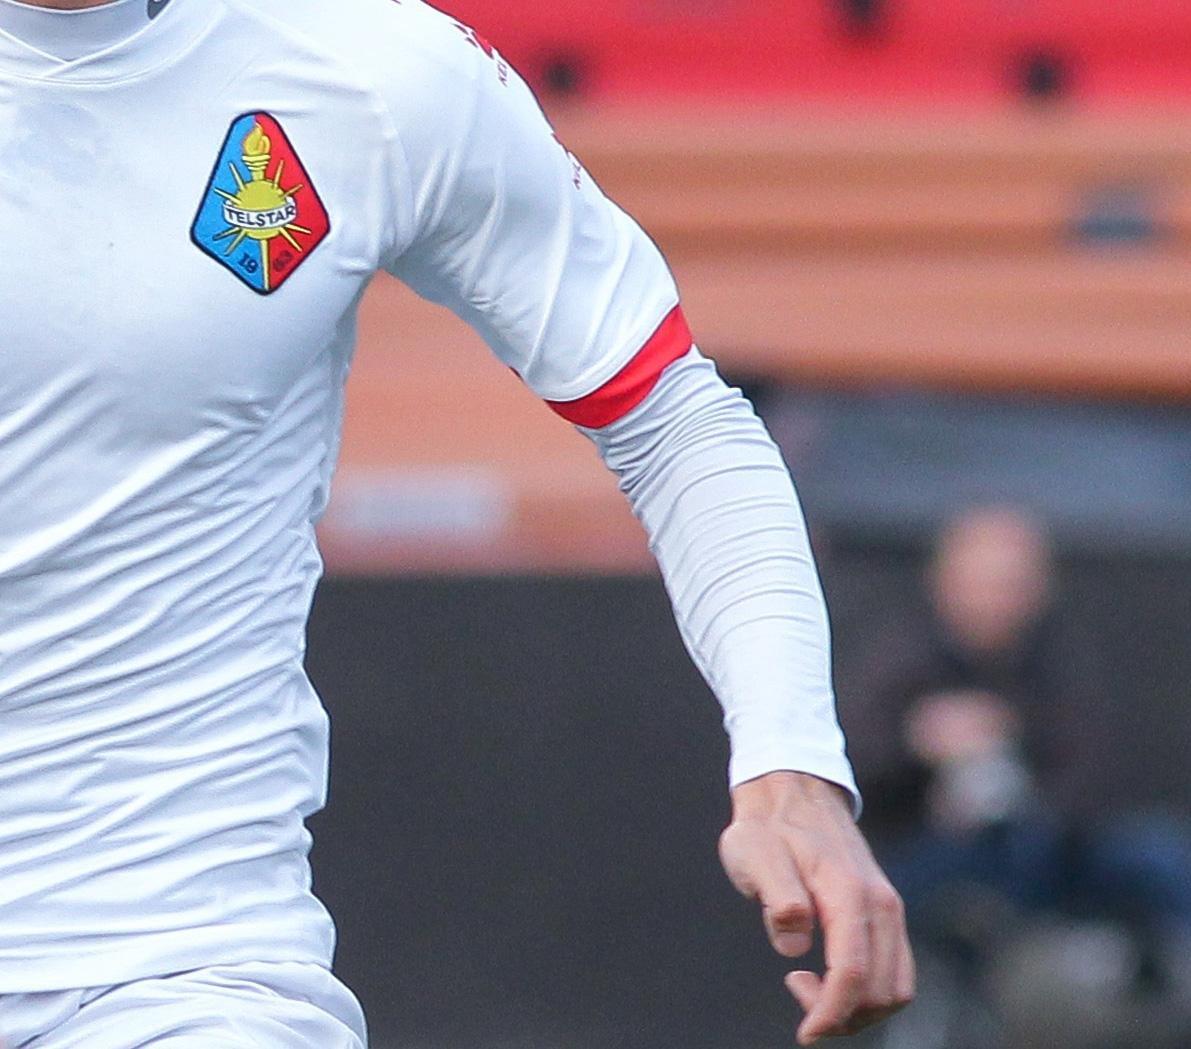 Telstar strikt net voor transferdeadline Hossein Zamani van Genoa; aanvaller tekent contract voor half jaar met optie voor twee seizoenen [video]